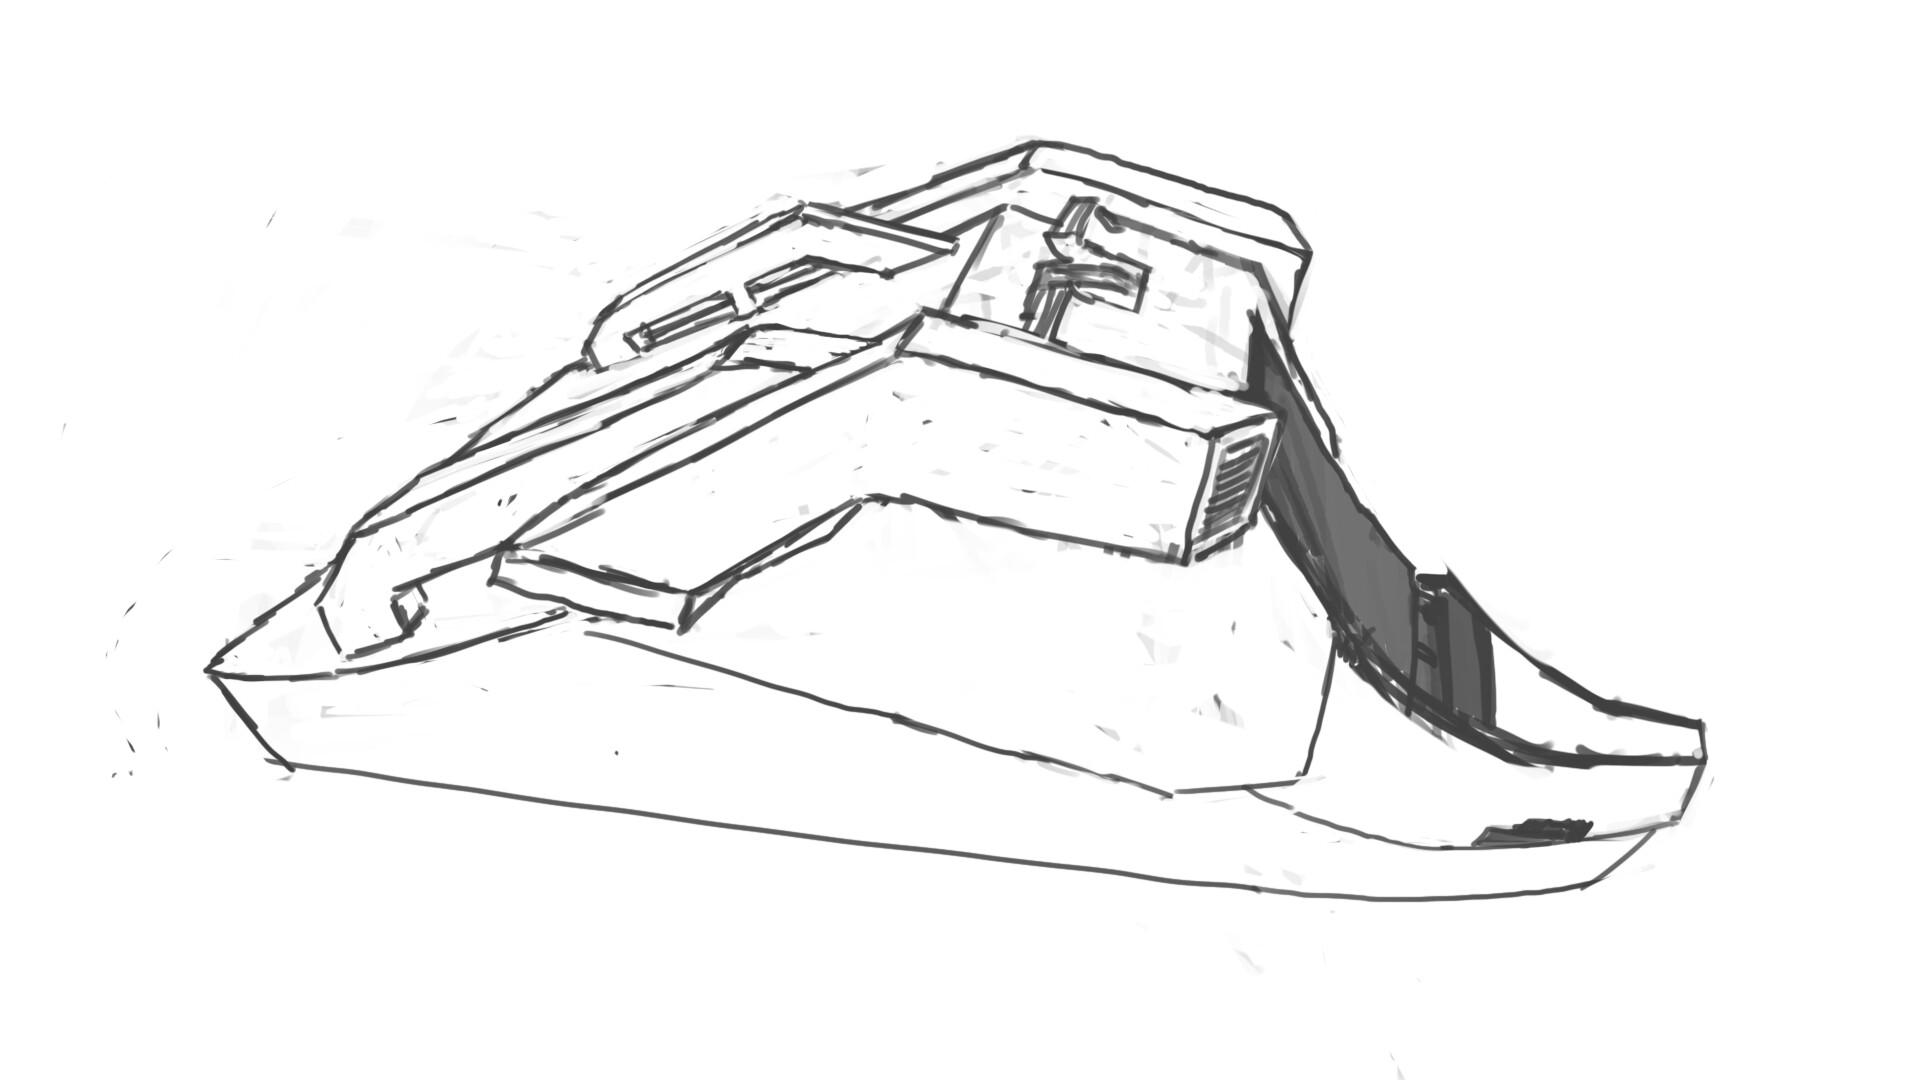 Alexander laheij drawing10 61